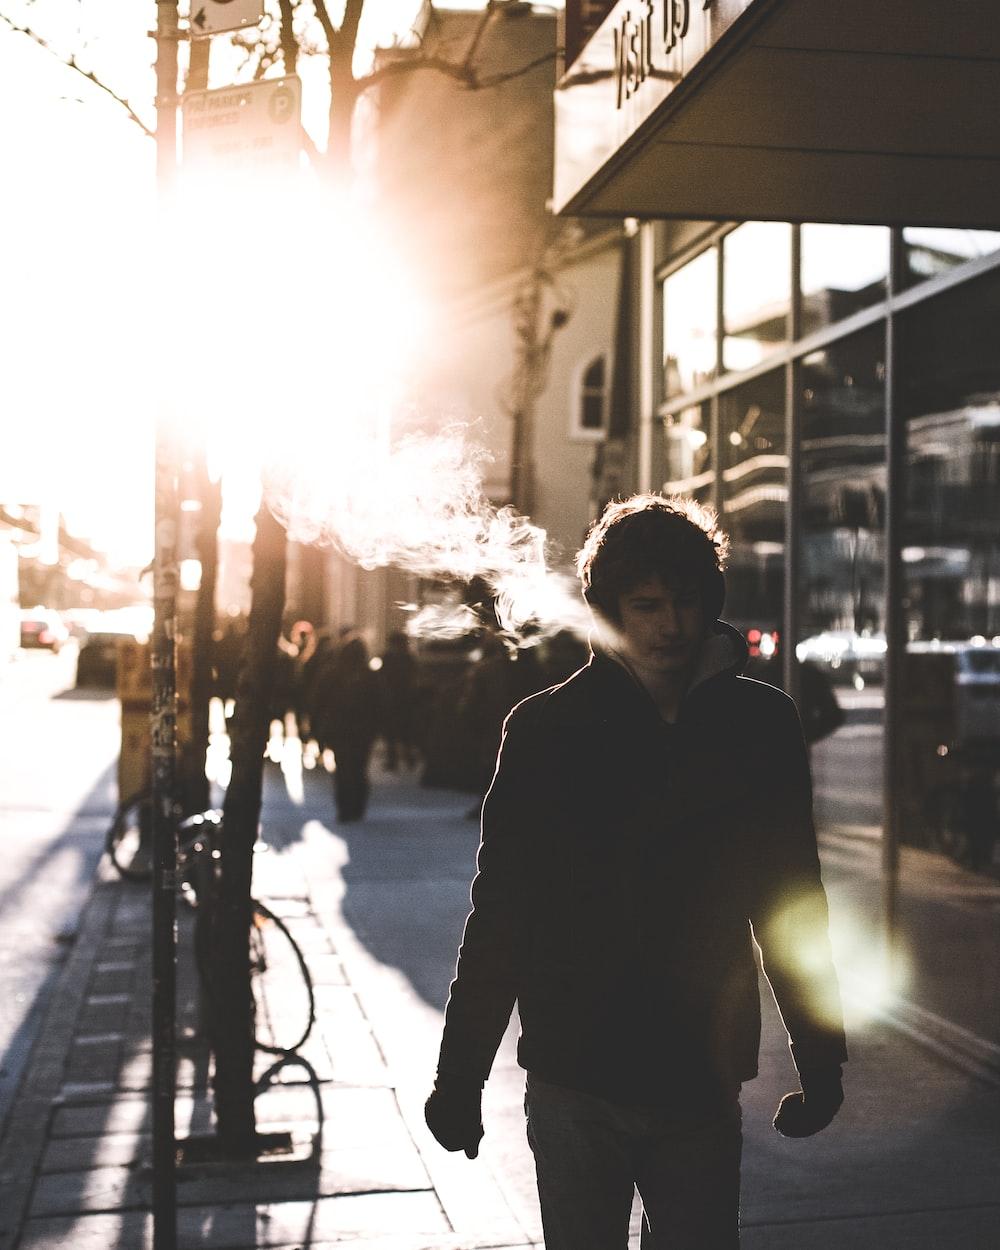 man walking on sidewalk beside glass wall